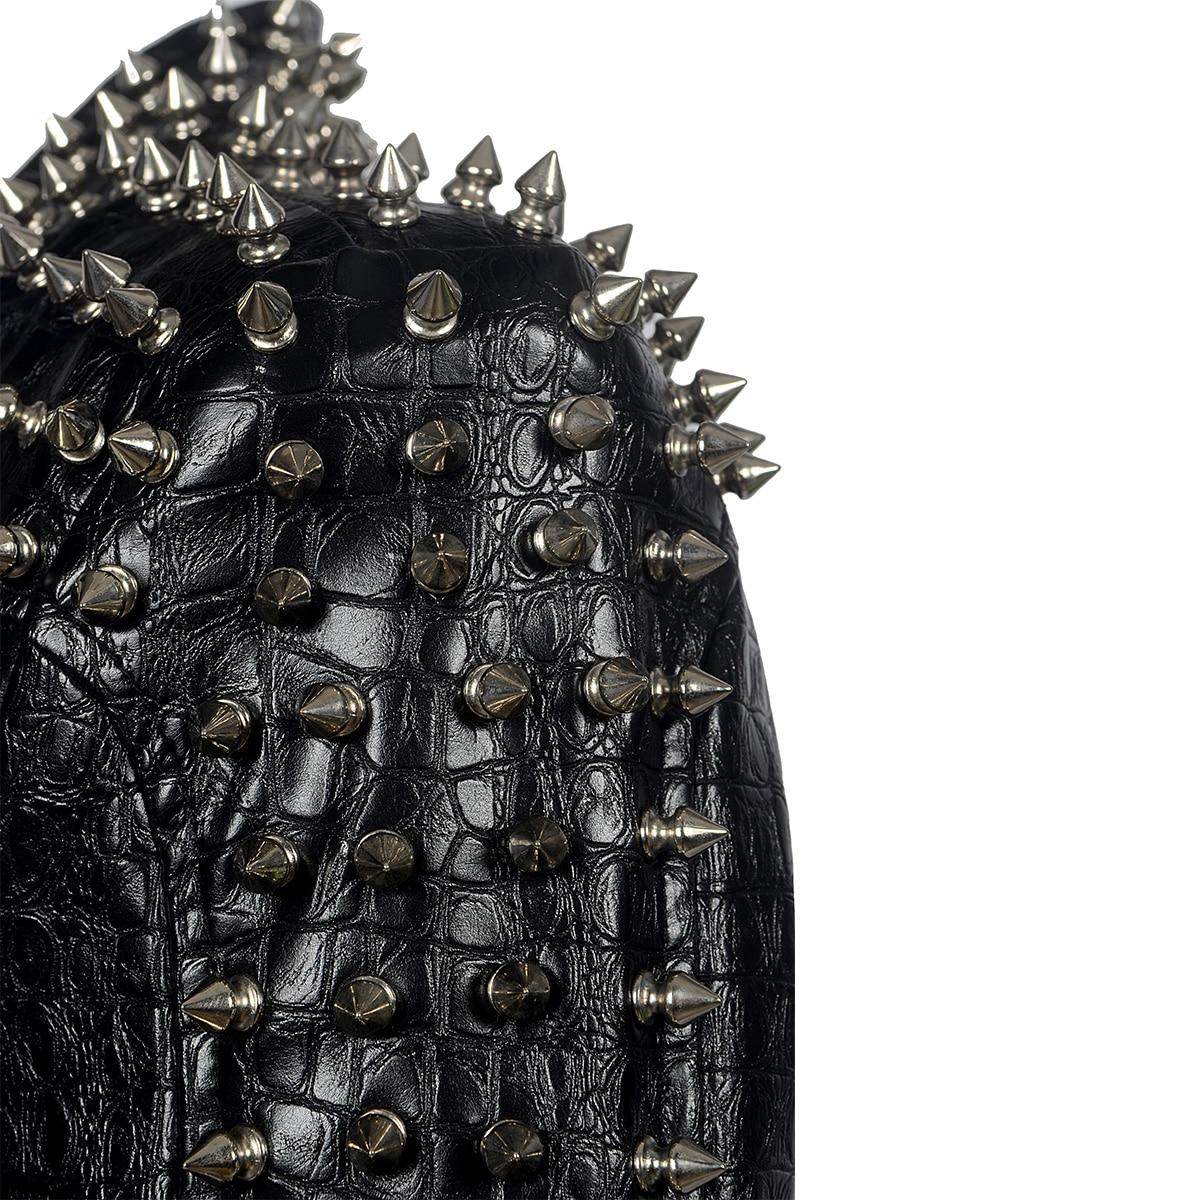 Outono quente grosso longo casaco de couro preto mulheres nova reversão delgados blusão de couro PU Parka chamariz a Mujahir WZ791 - 5